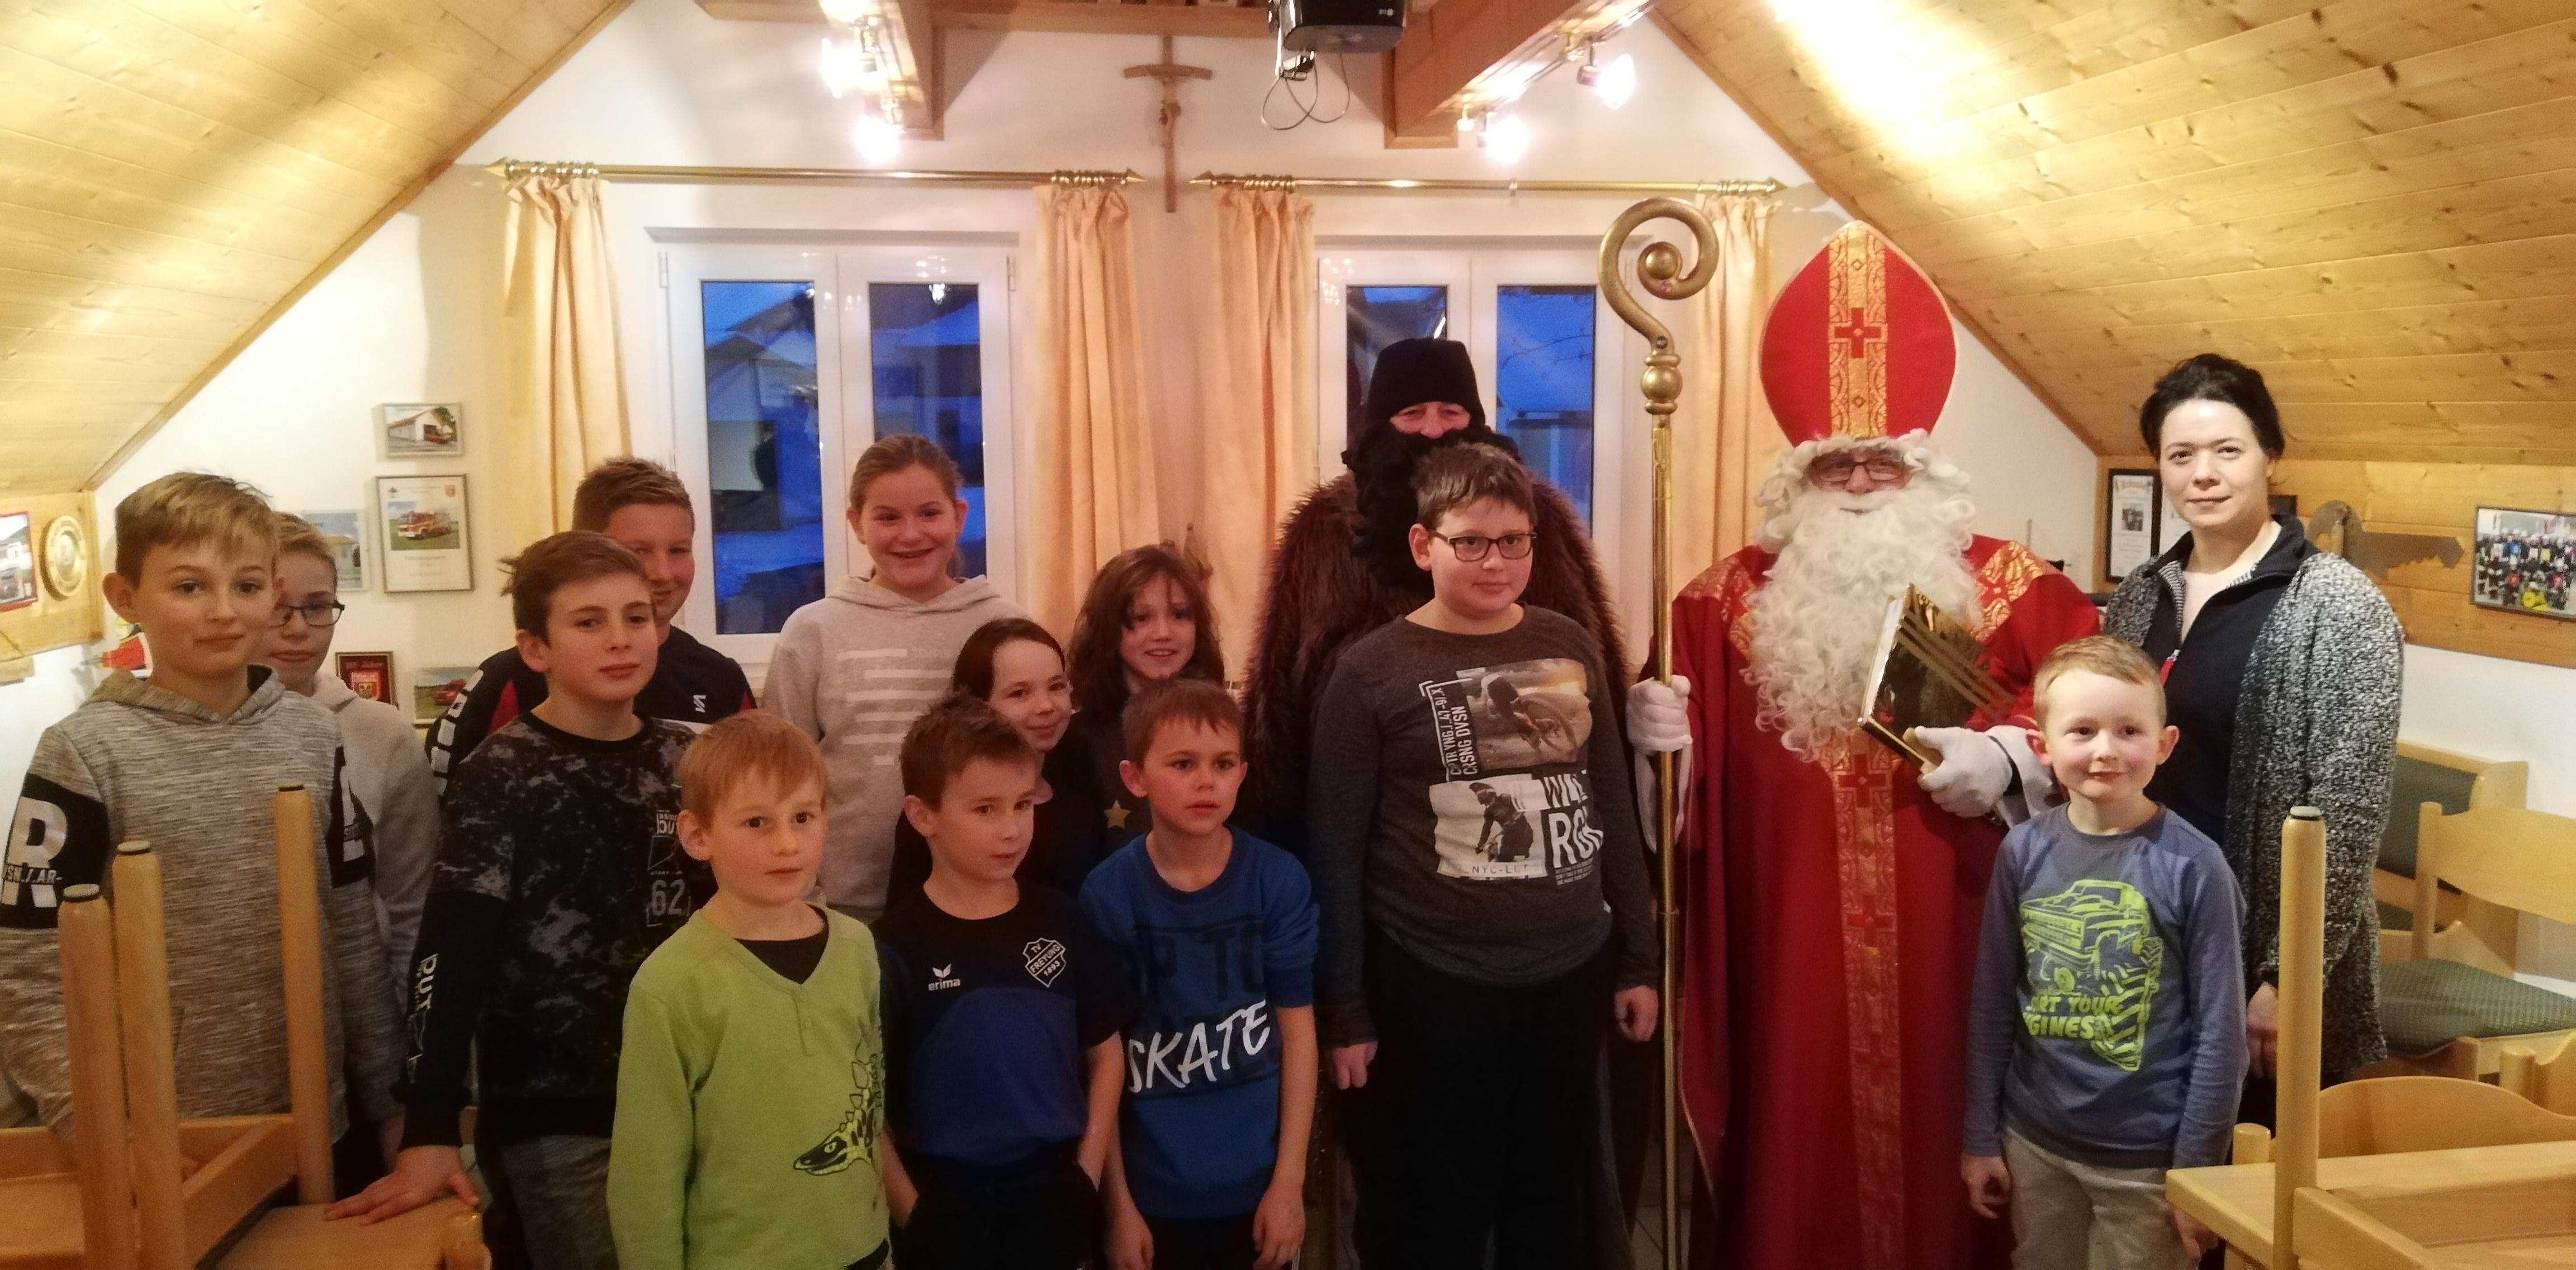 Kinderfeuerwehr - Gruppenbild zusammen mit dem Nikolaus und dem Krampus